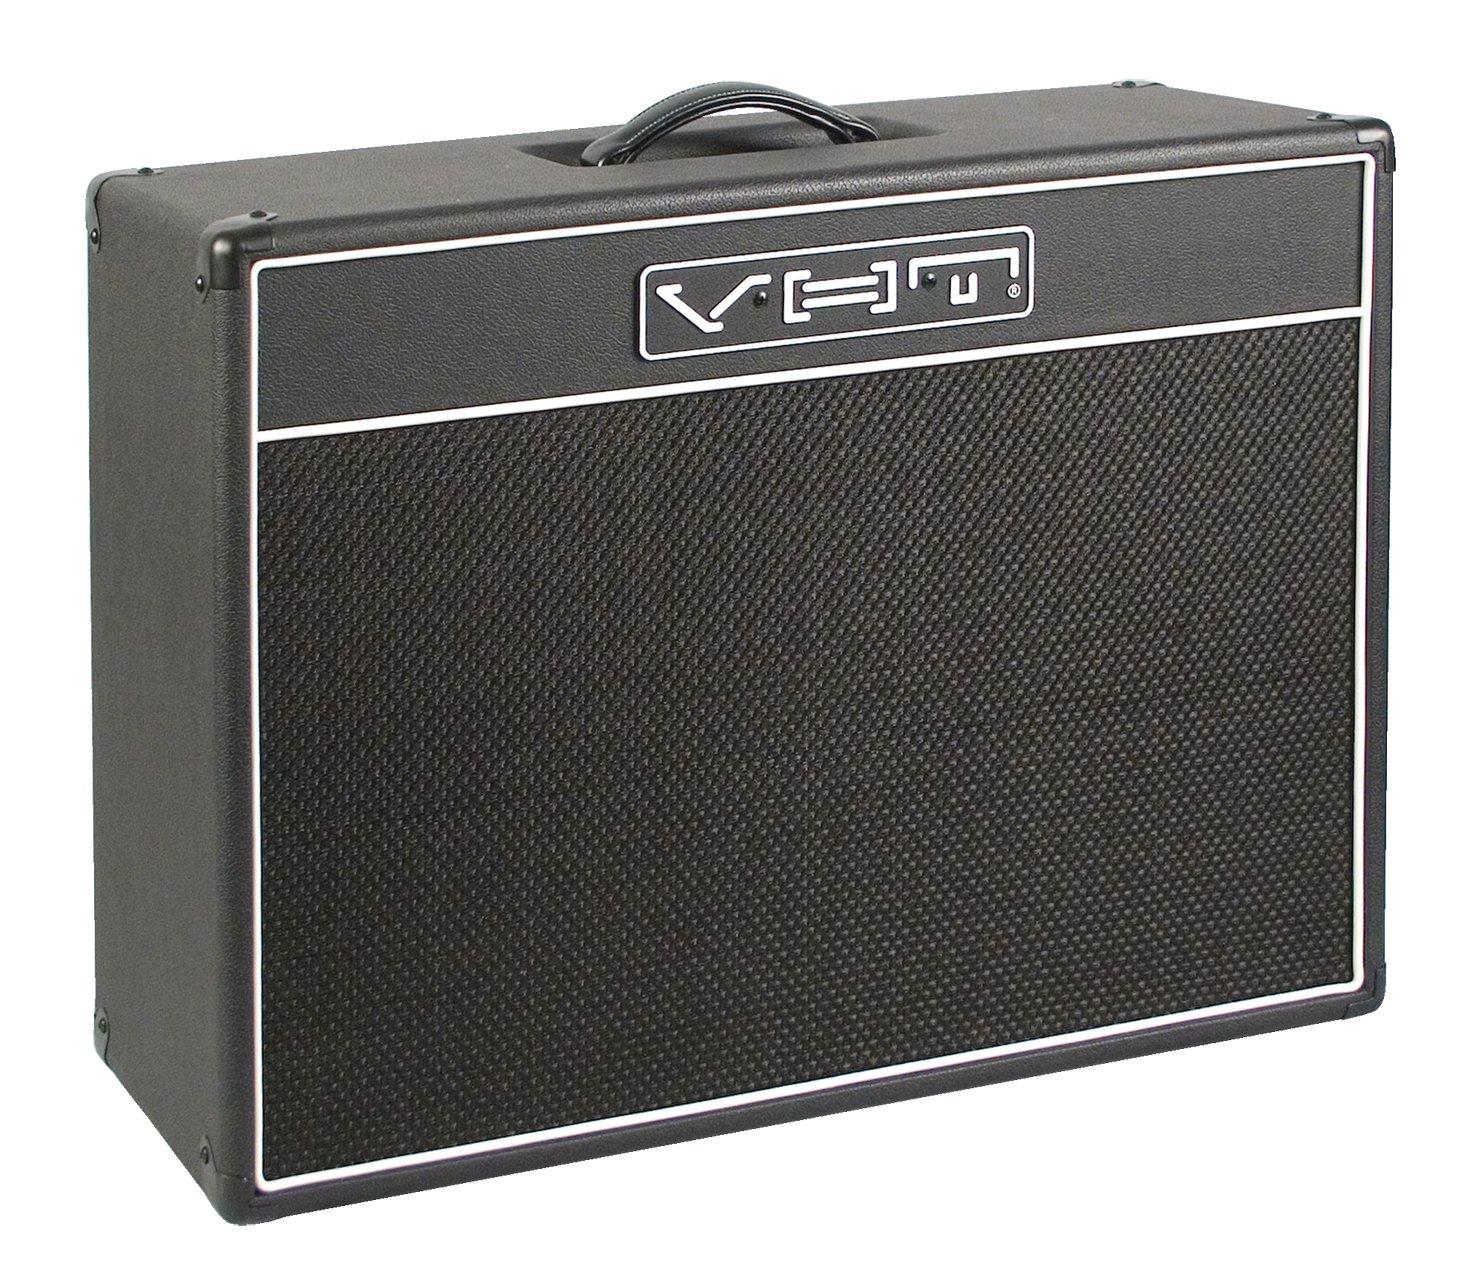 VHT AV-SP-212VHT Special 6 2x12 Speaker Cabinet, VHT Speakers